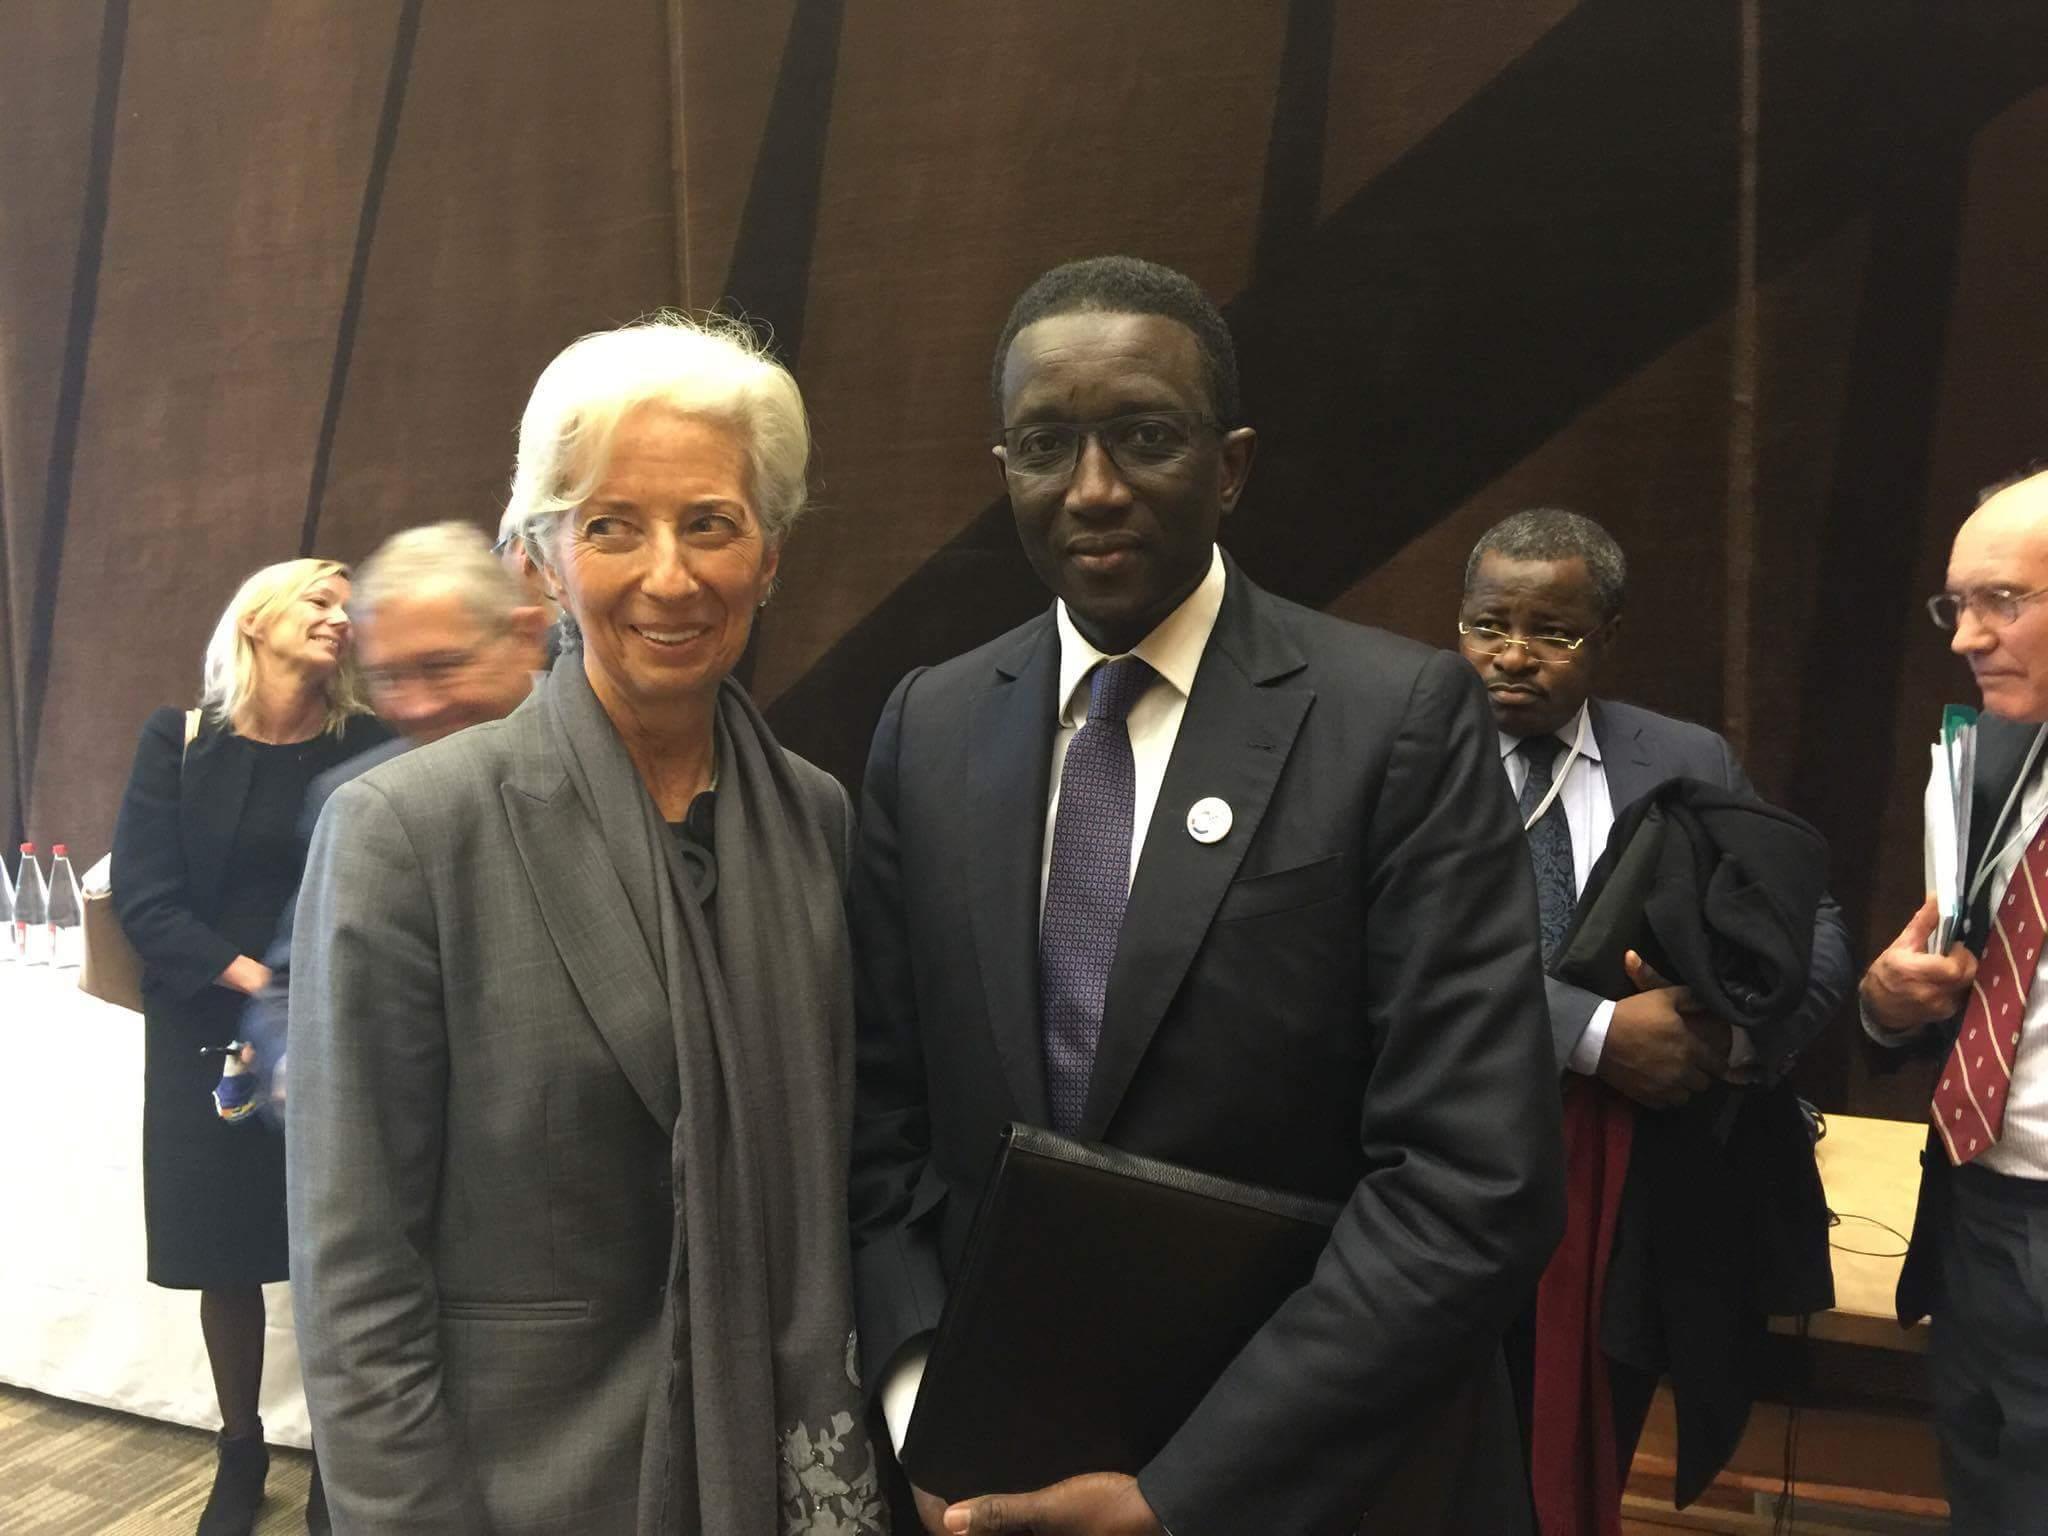 Stabilité du système monétaire et financier international : Amadou Ba souligne le besoin des pays africains de compter sur des perspectives encore plus fermes de stabilité